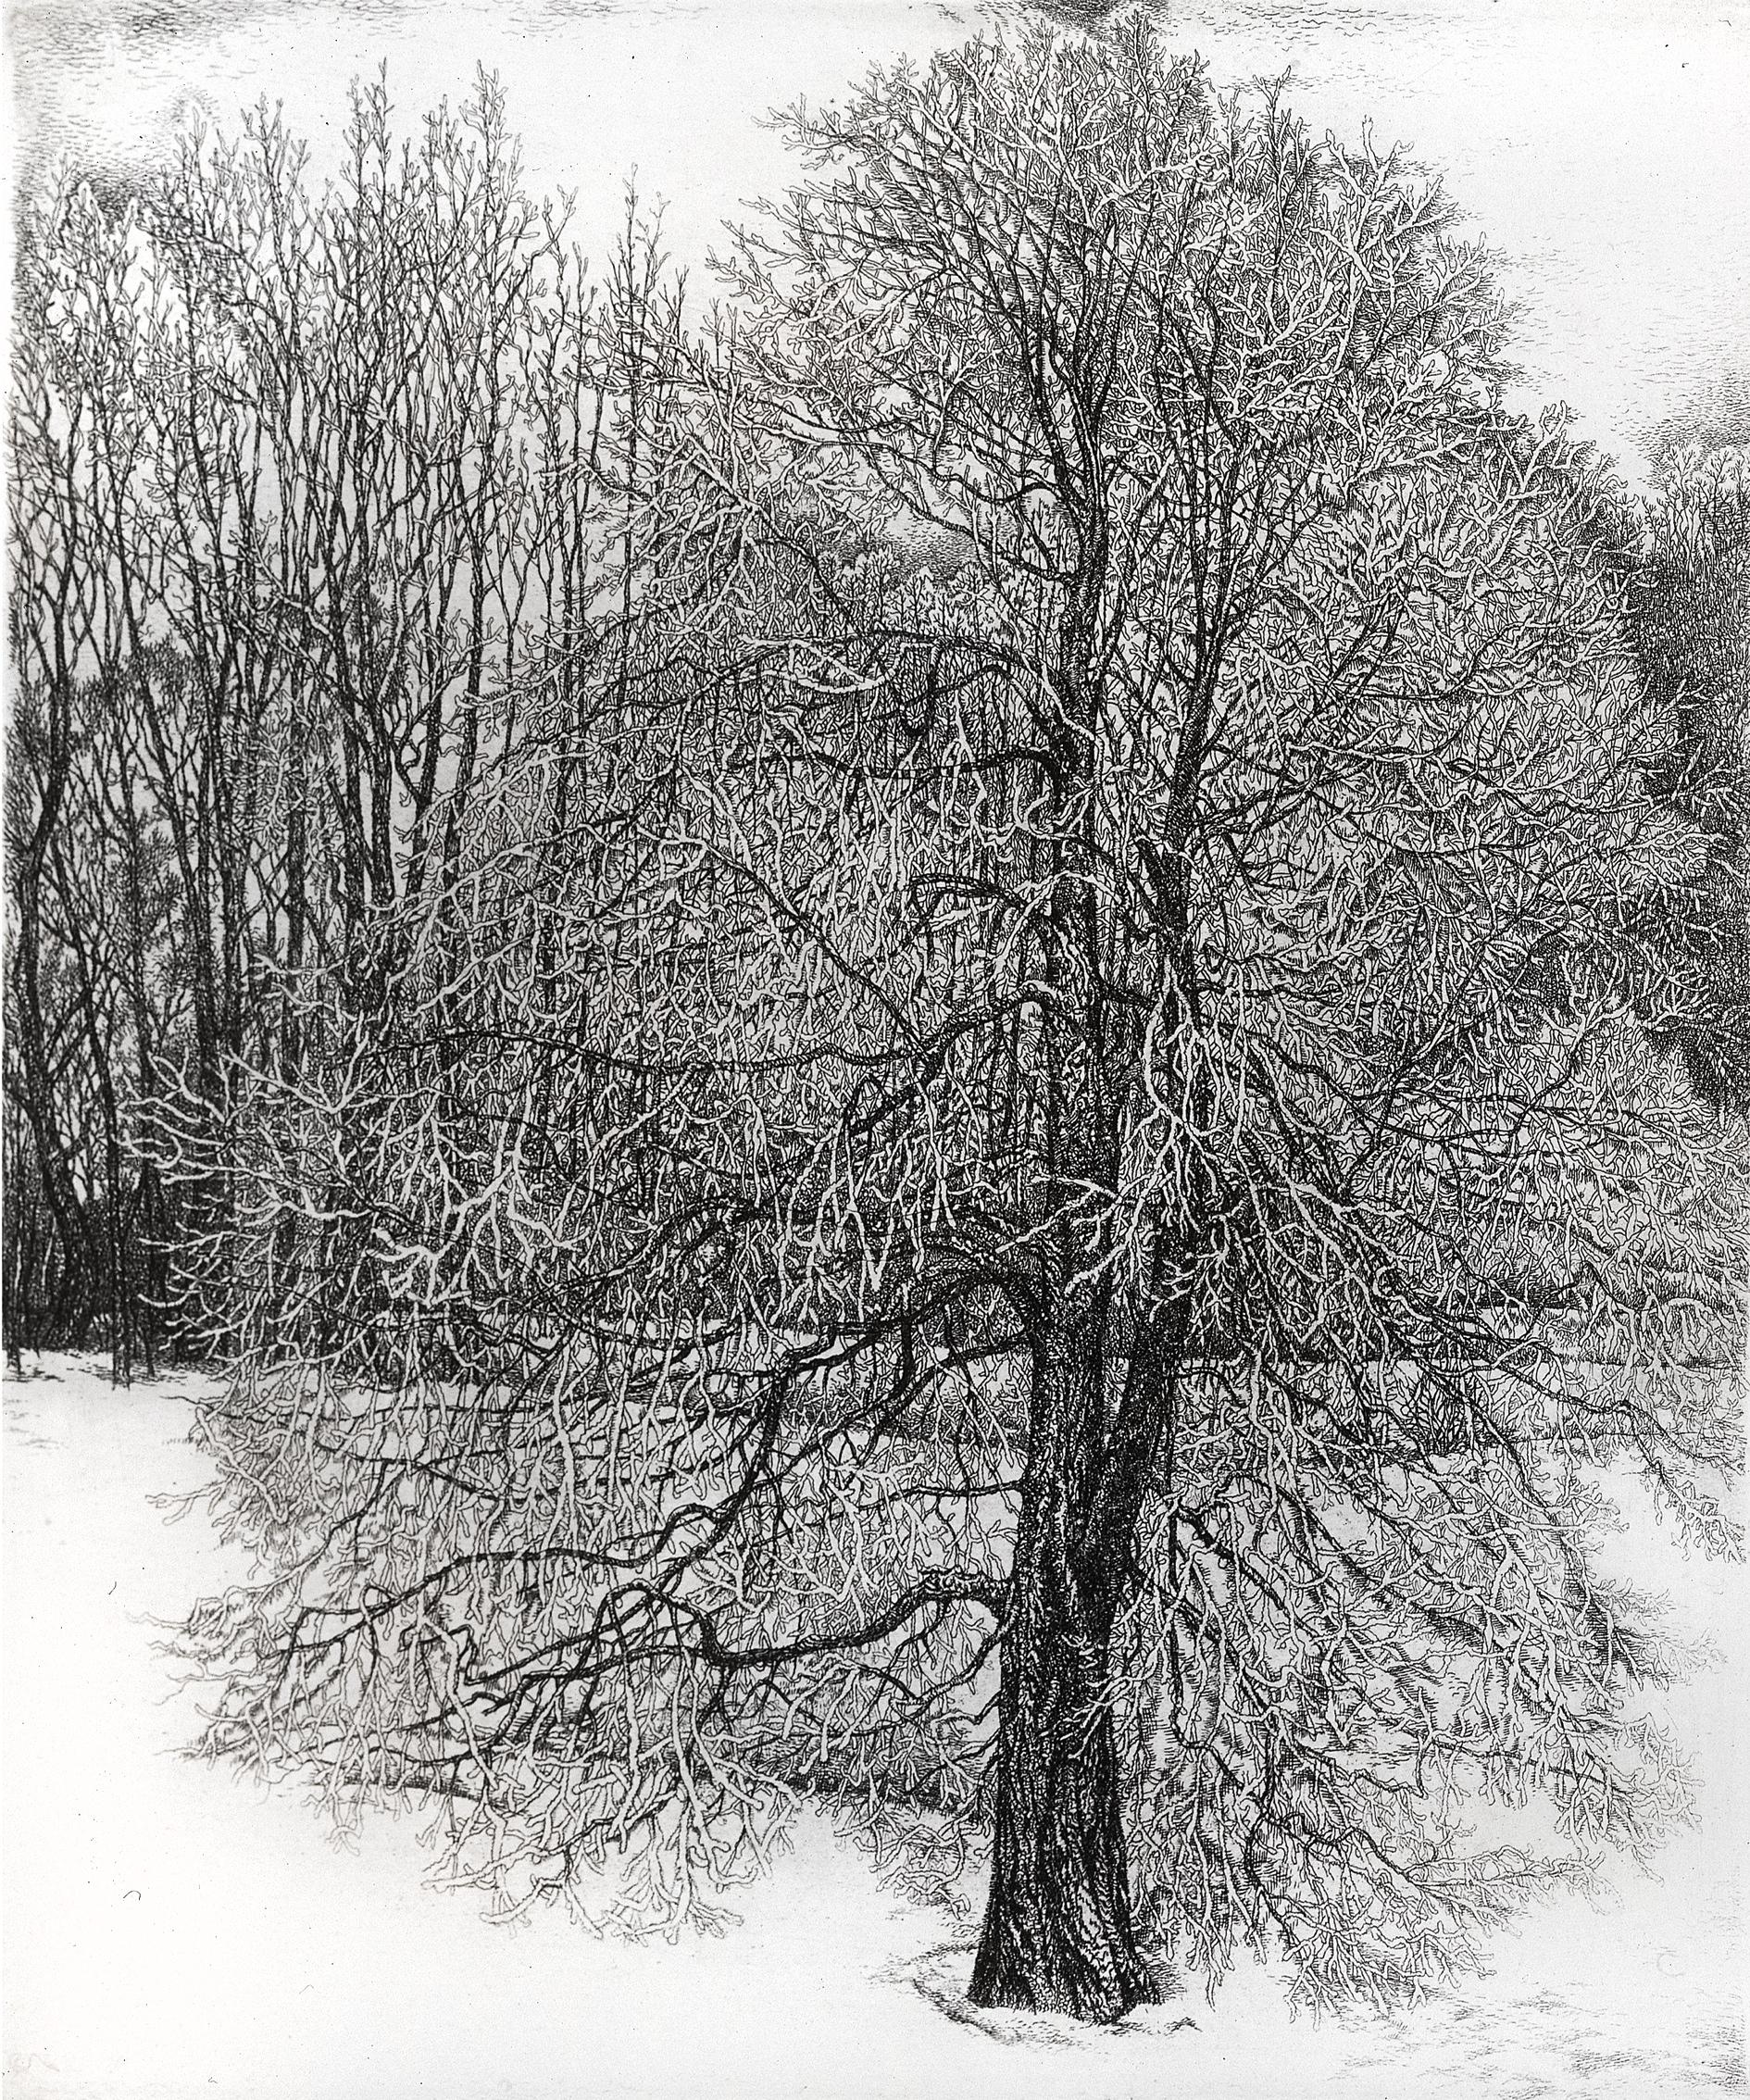 Tree in Hoarfrost